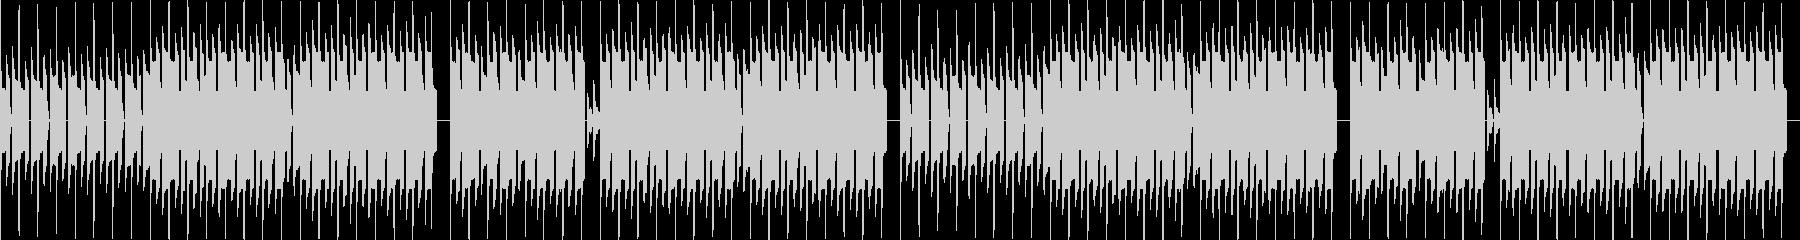 本格的ファミコンでハロウィン・ループの未再生の波形